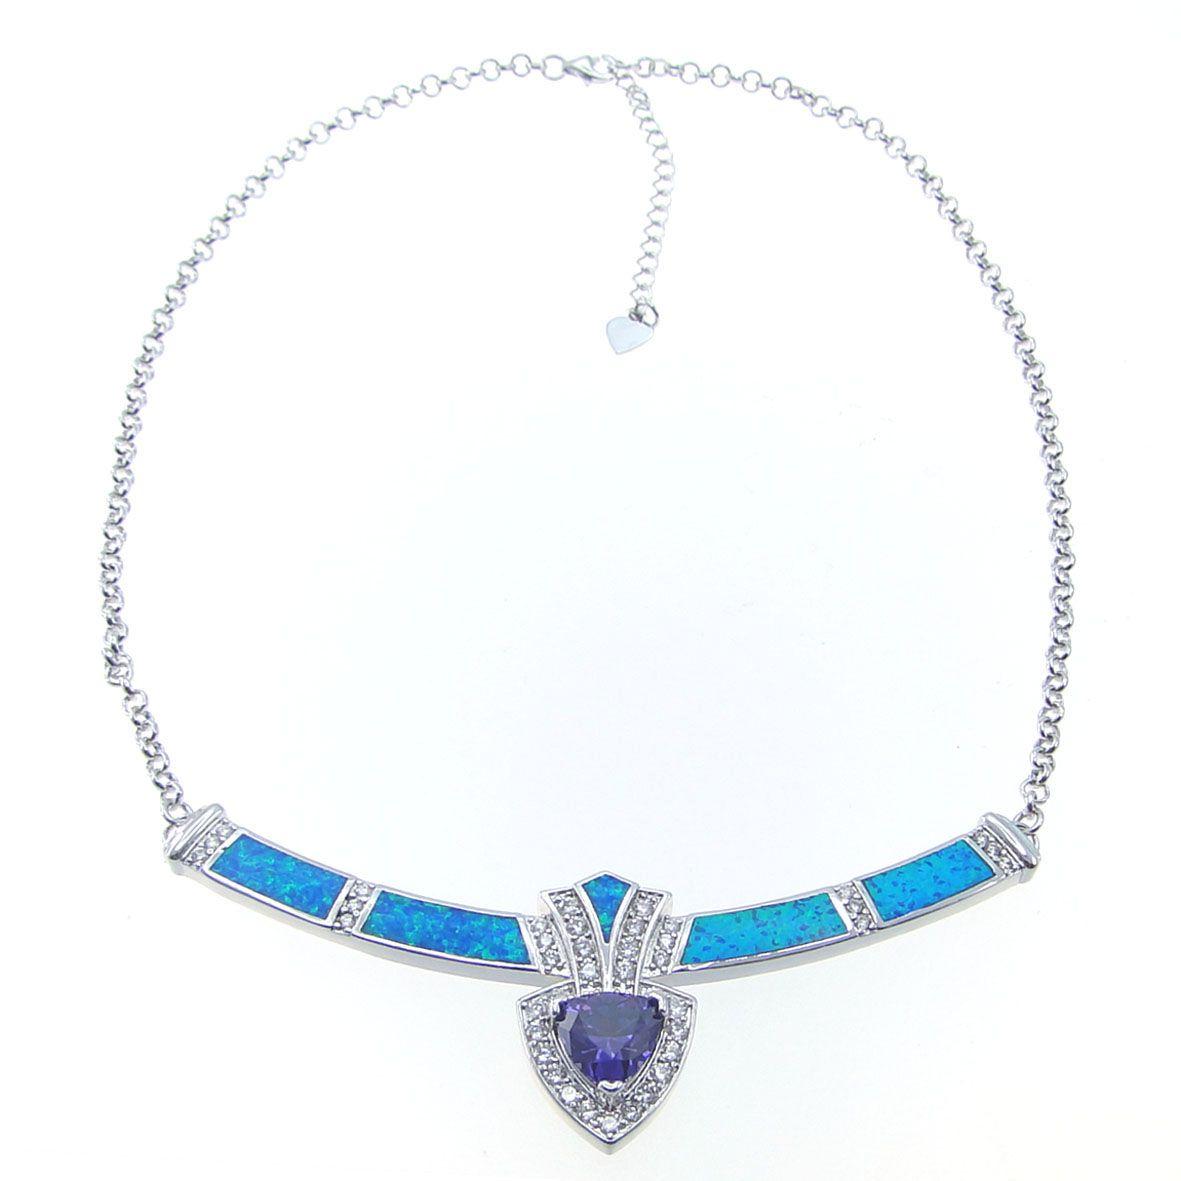 Mode Smycken Halsband Blå Opal Halsband Brand Opal Silver Smycken Elektropläterad Rhodium DR03011703N Gratis frakt